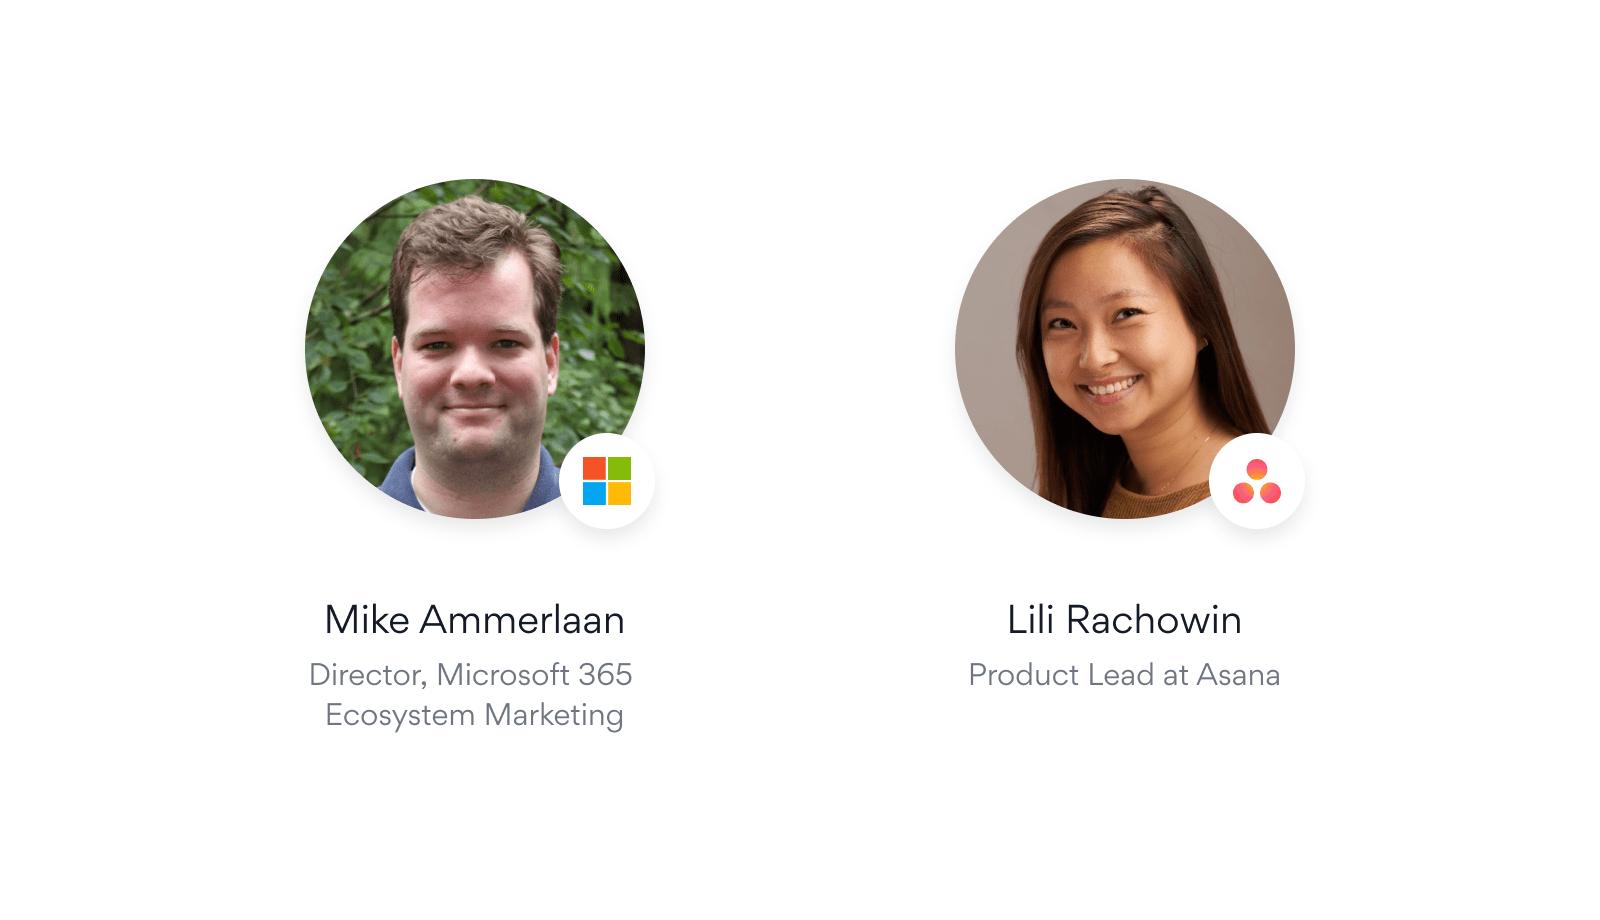 Asana と Microsoft: IT の役割と仕事の未来に関する 4 つのインサイト